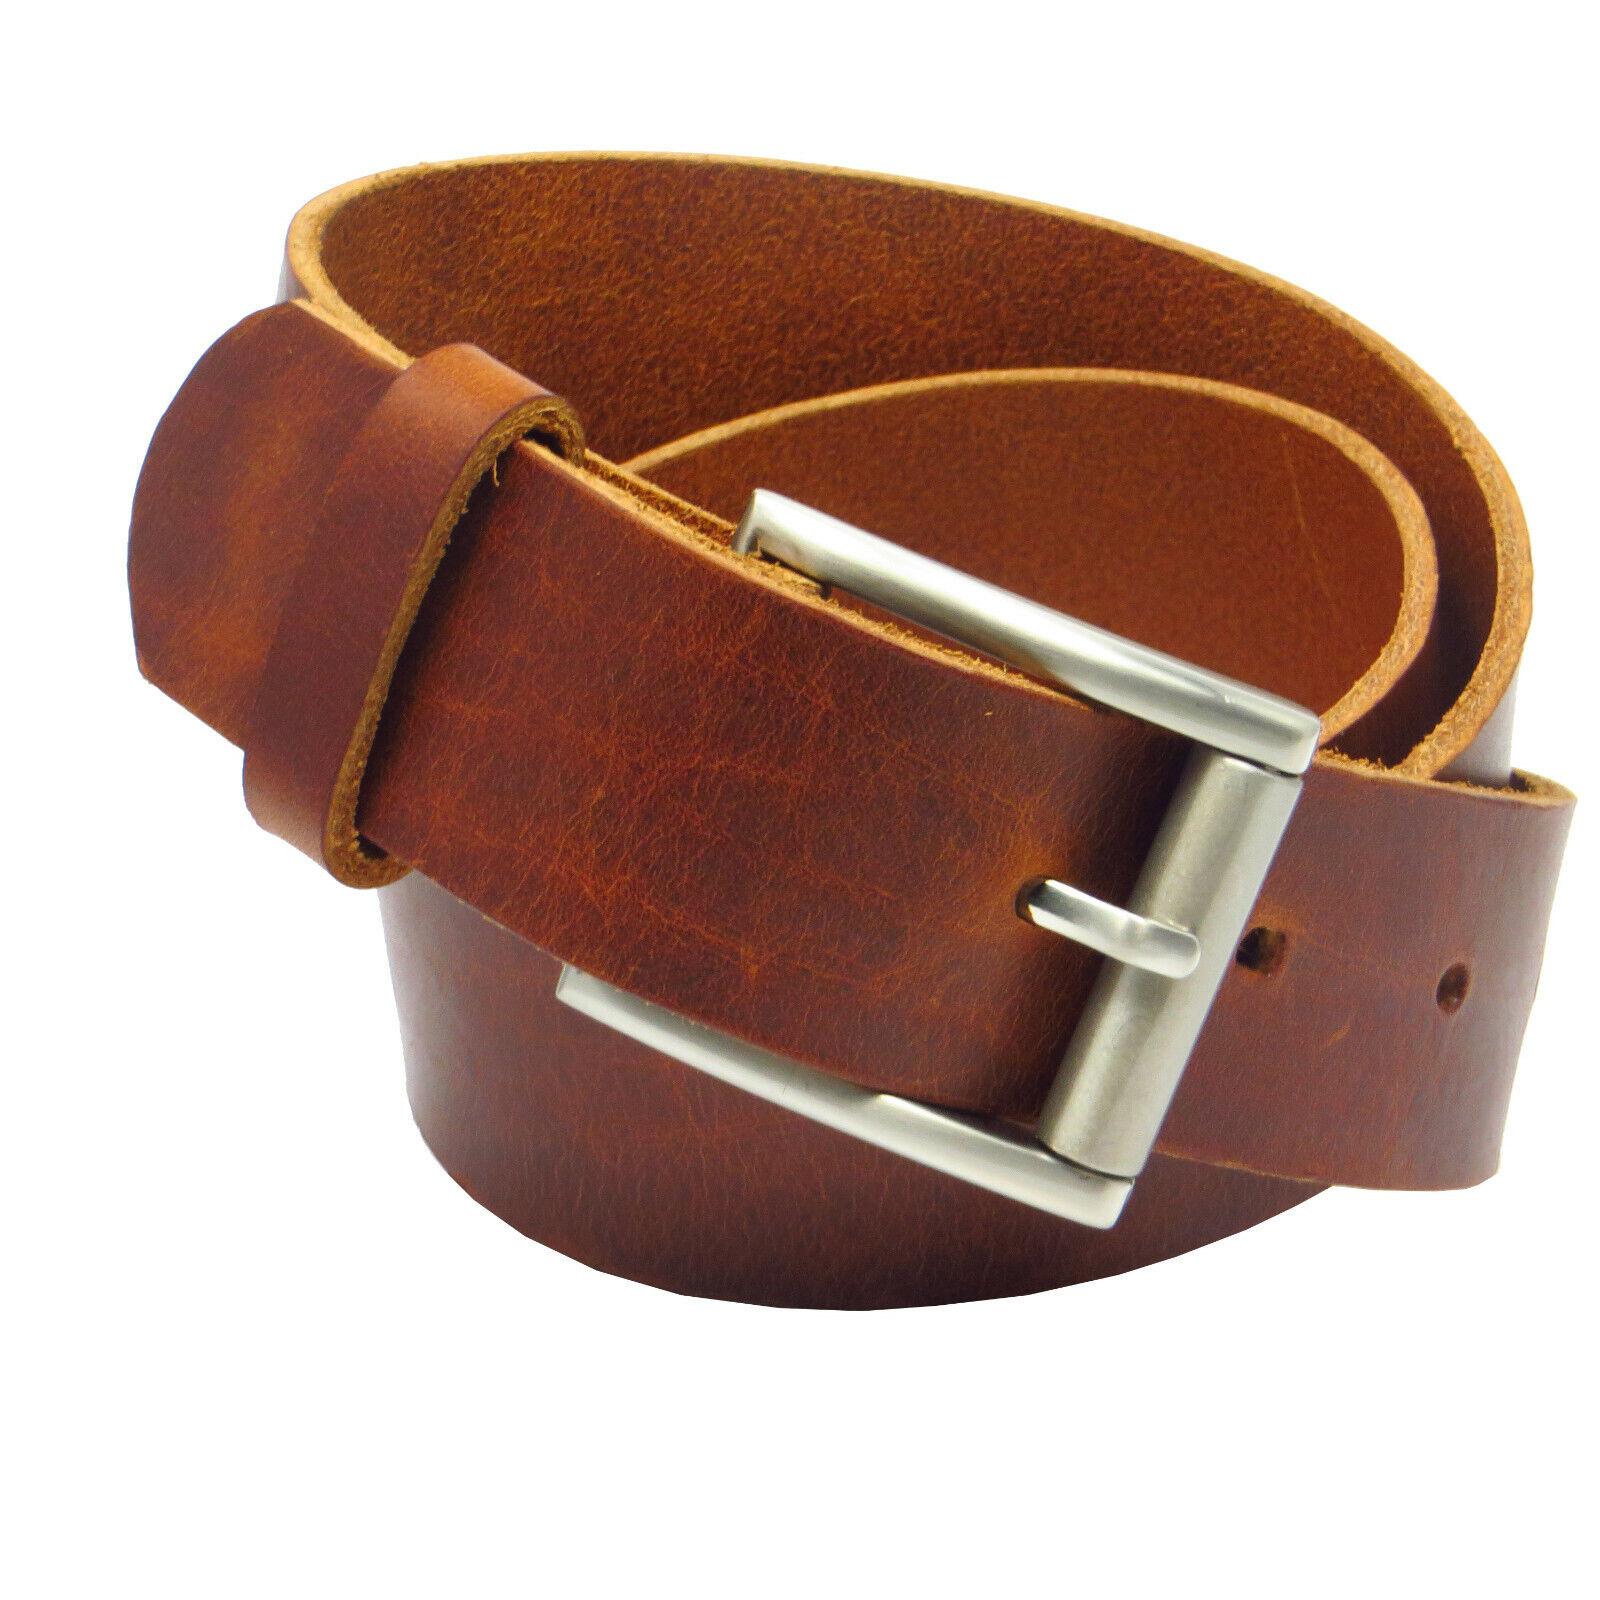 Ledergürtel 4 cm breit cognac aus eigener Fertigung Rindsleder Bundweite messen